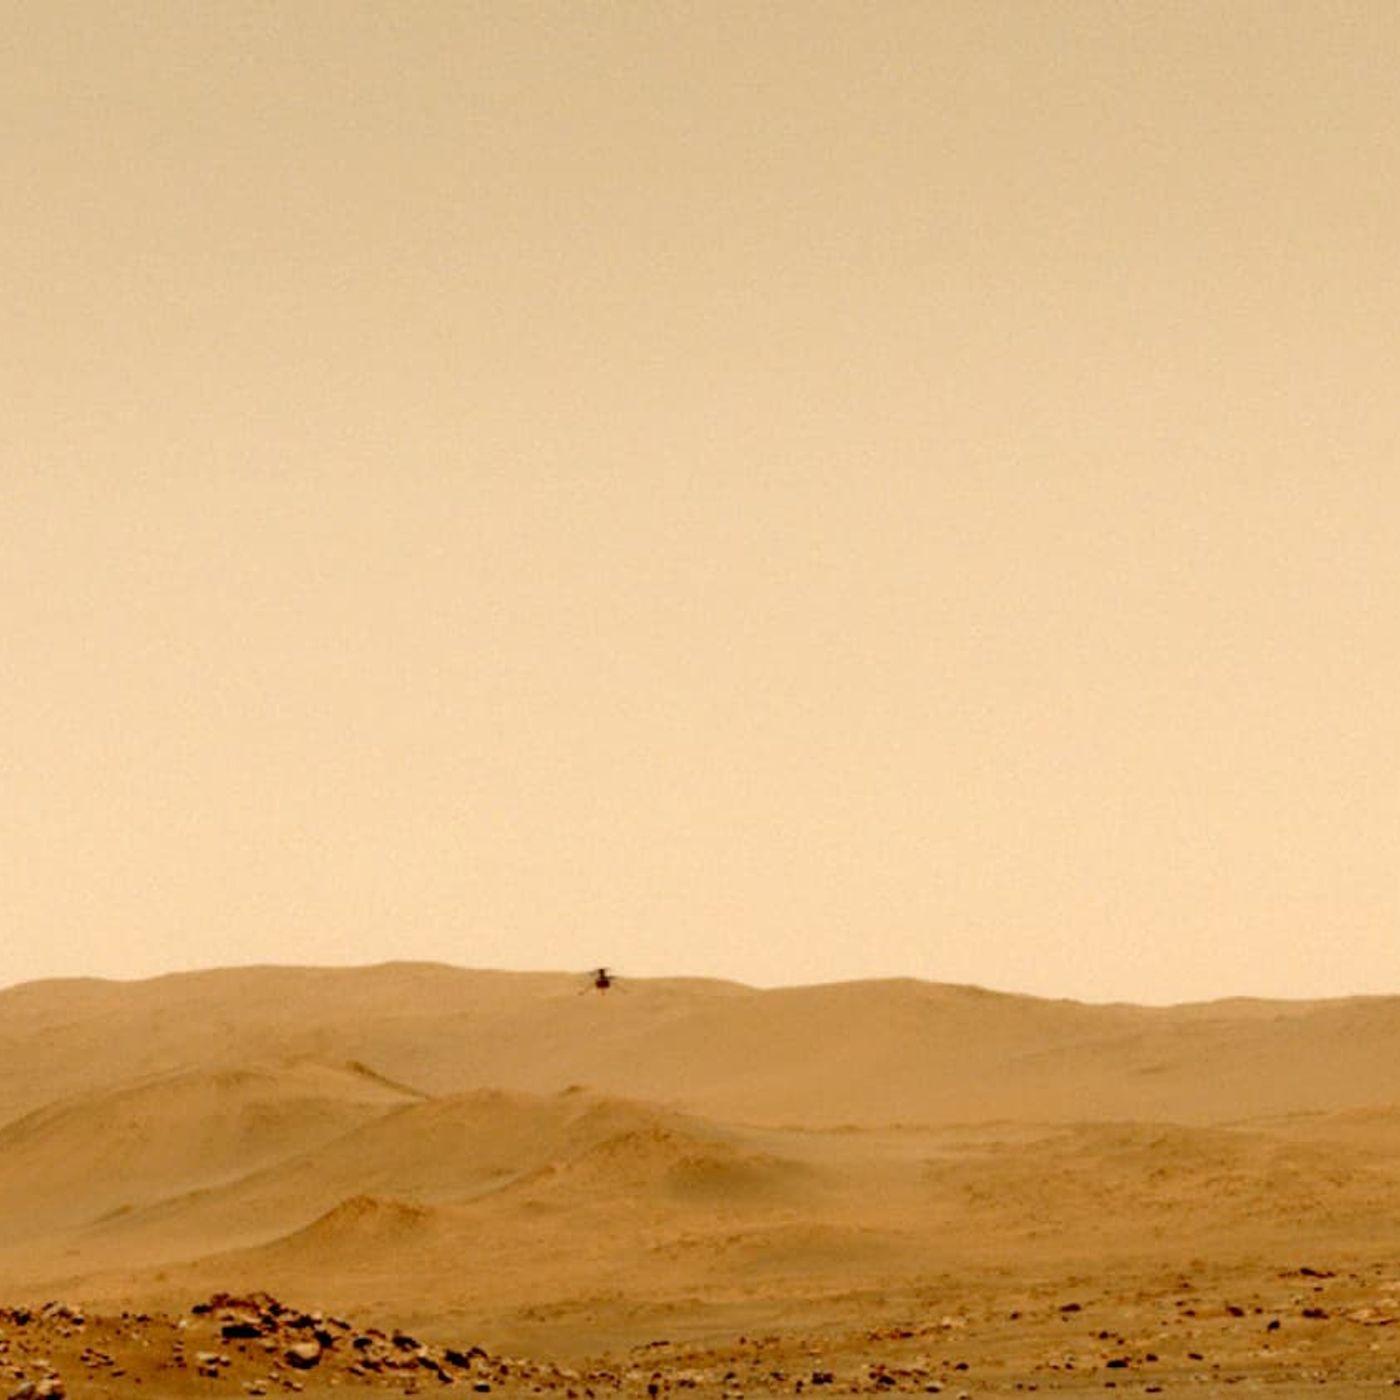 Il suono di Ingenuity nei cieli di Marte